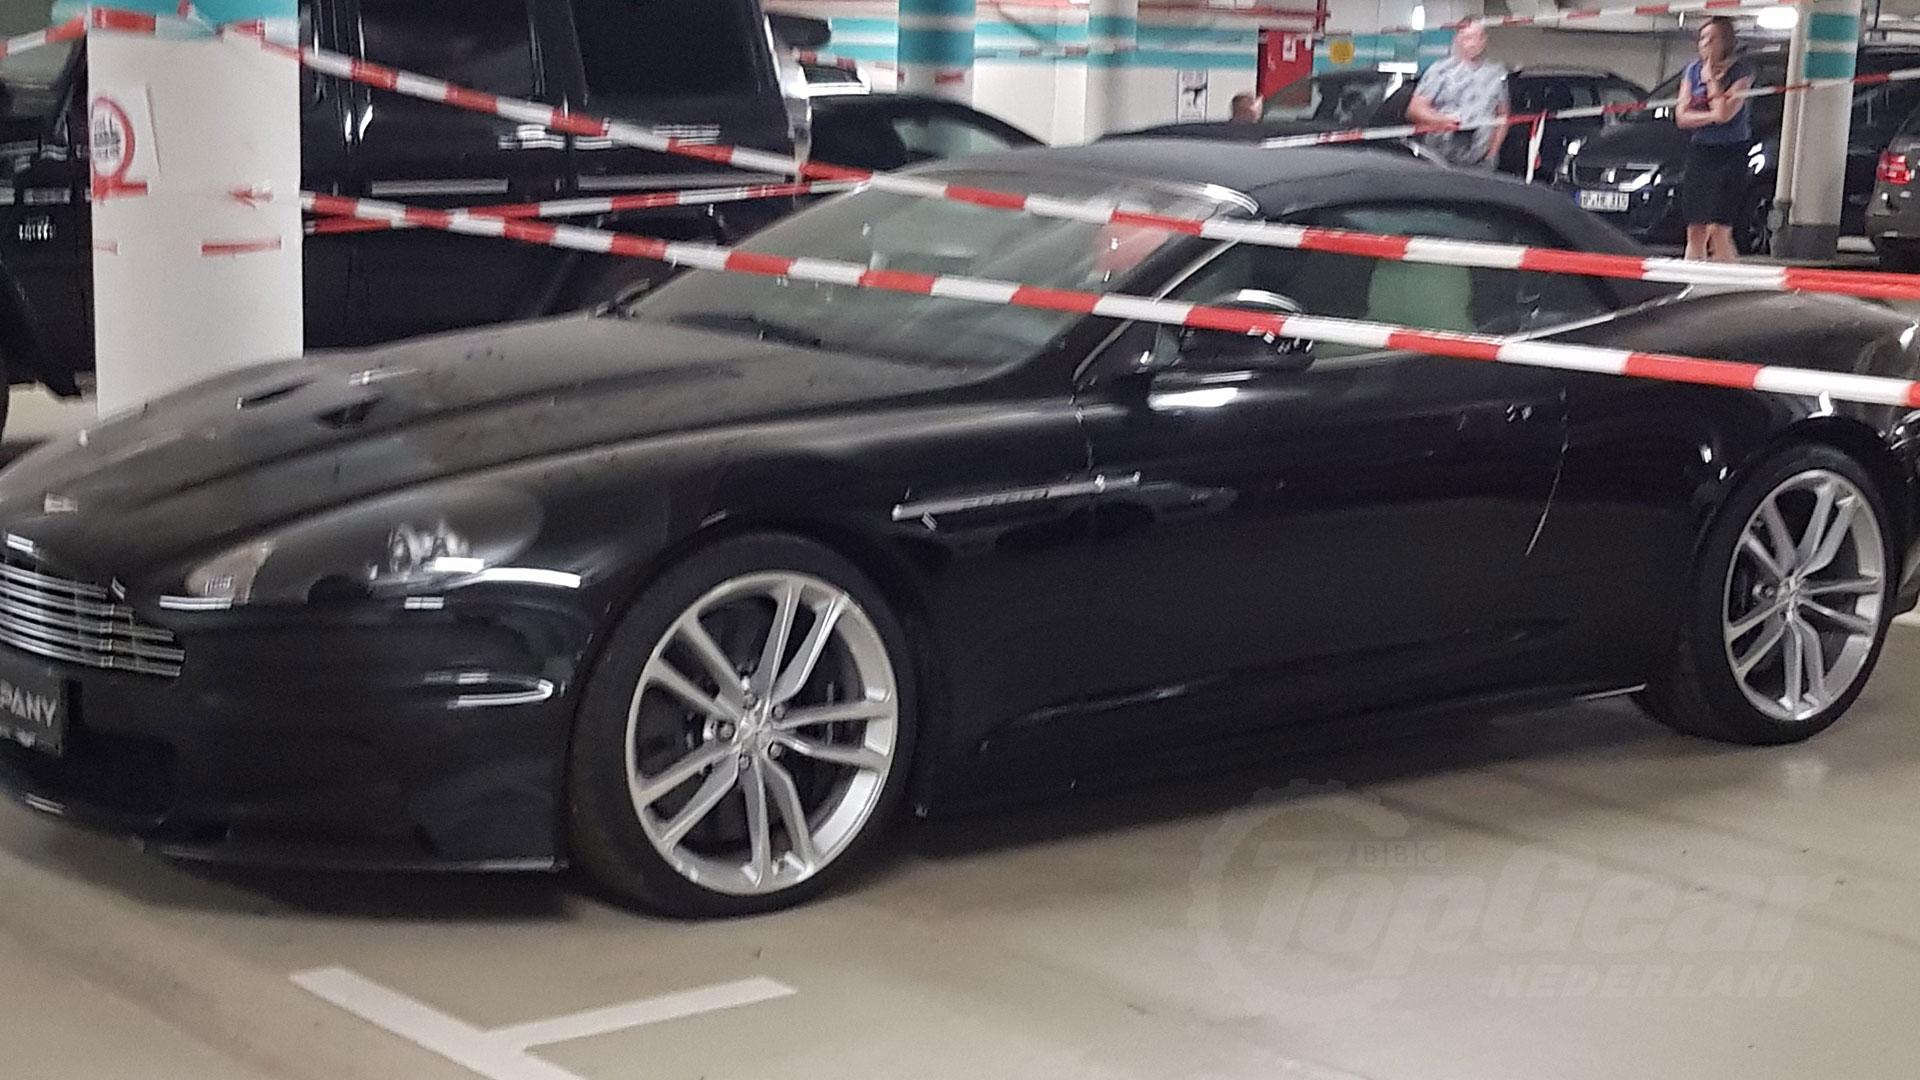 Aston Martin in Trier